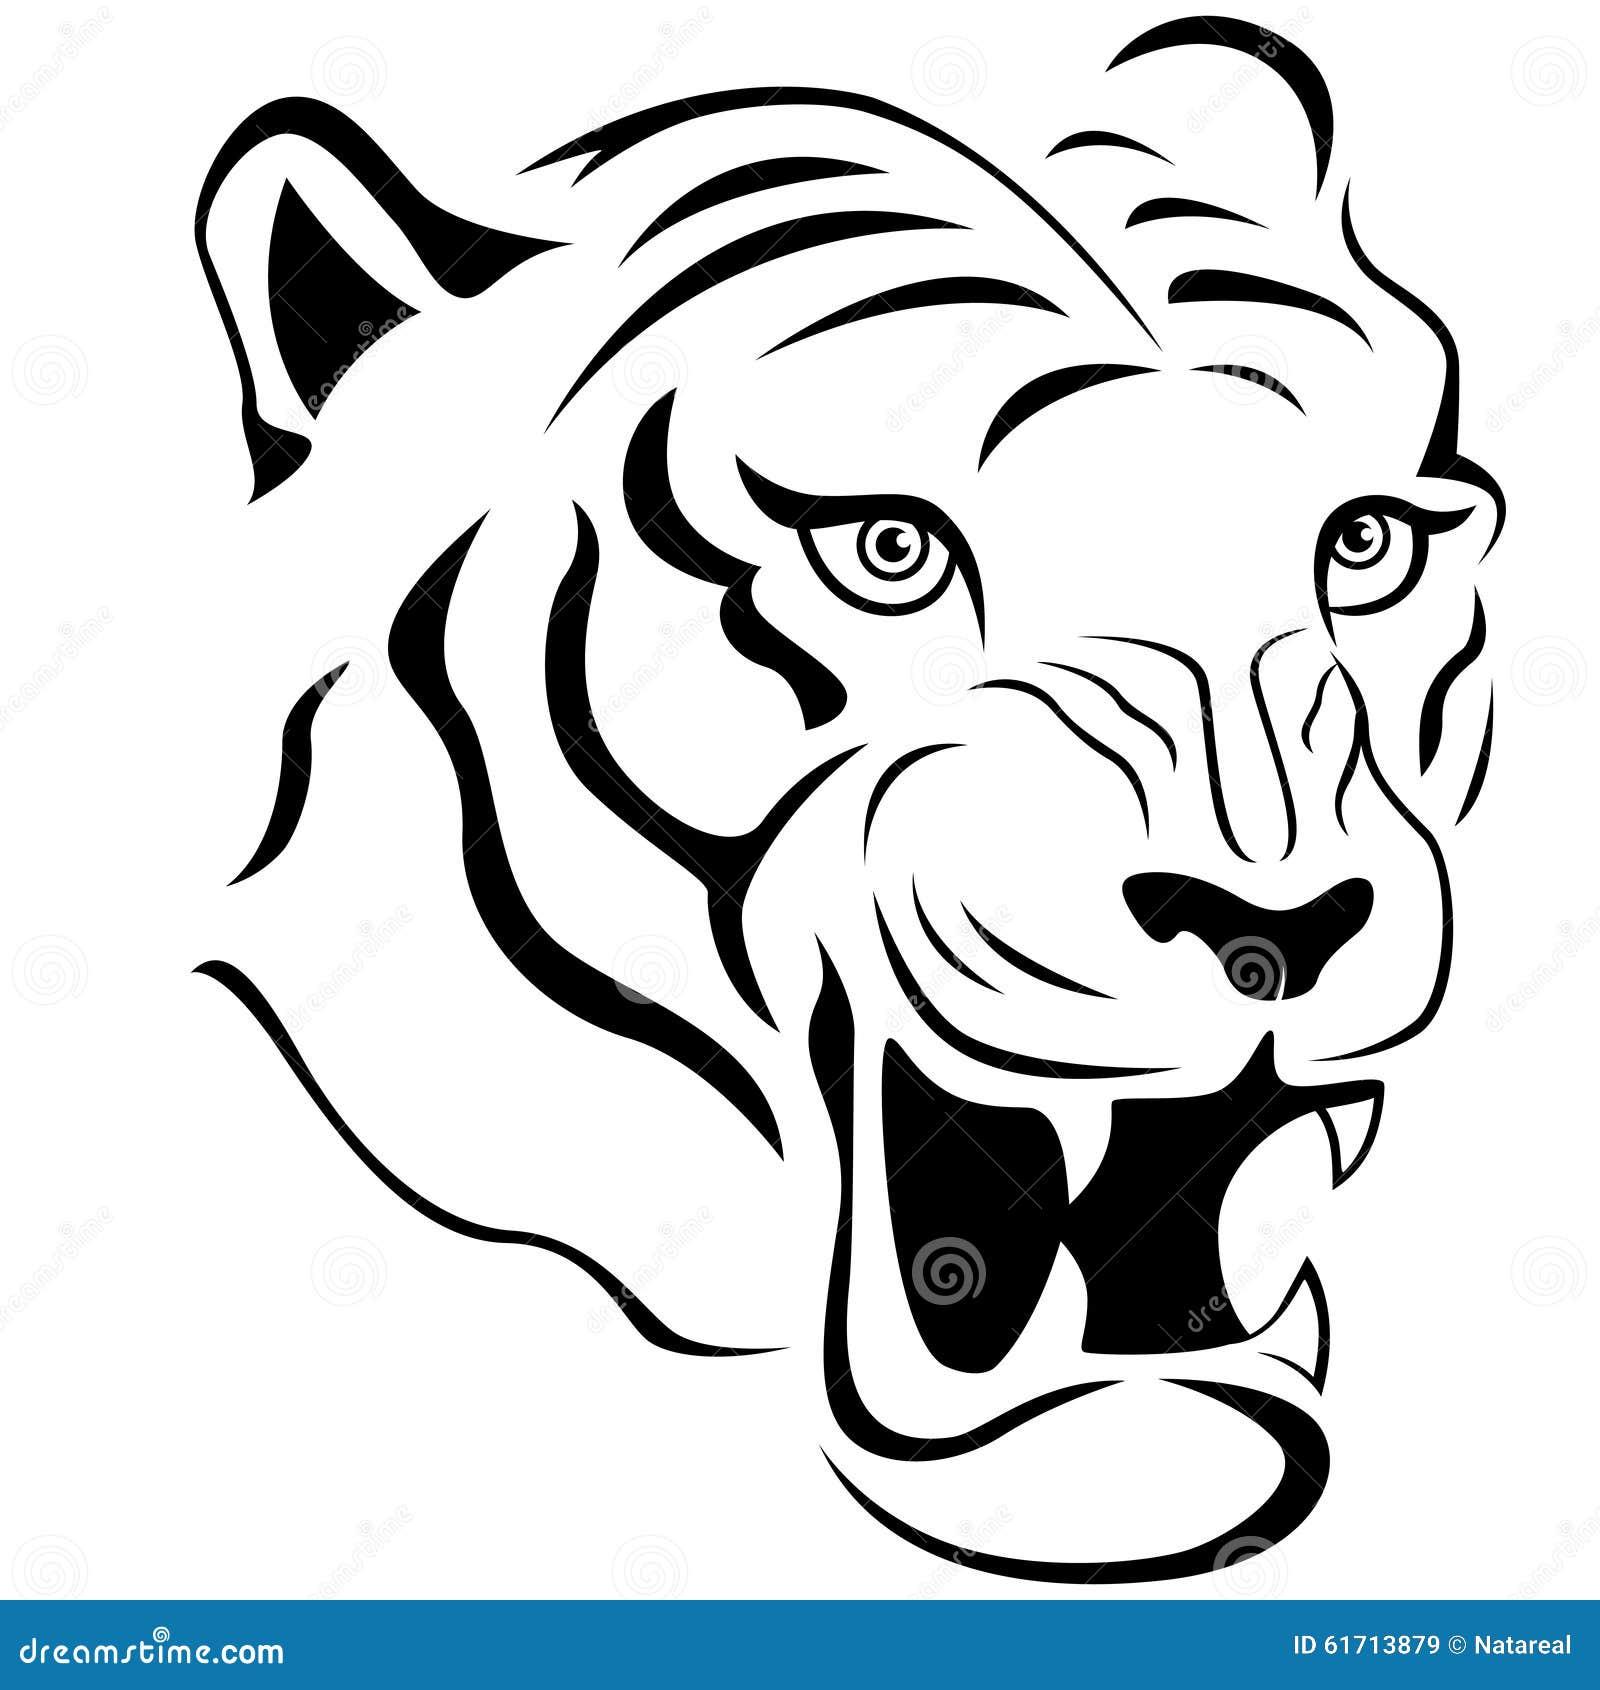 Aggressive tiger head close up stock vector illustration of design cruel 61713879 - Tete de tigre dessin facile ...